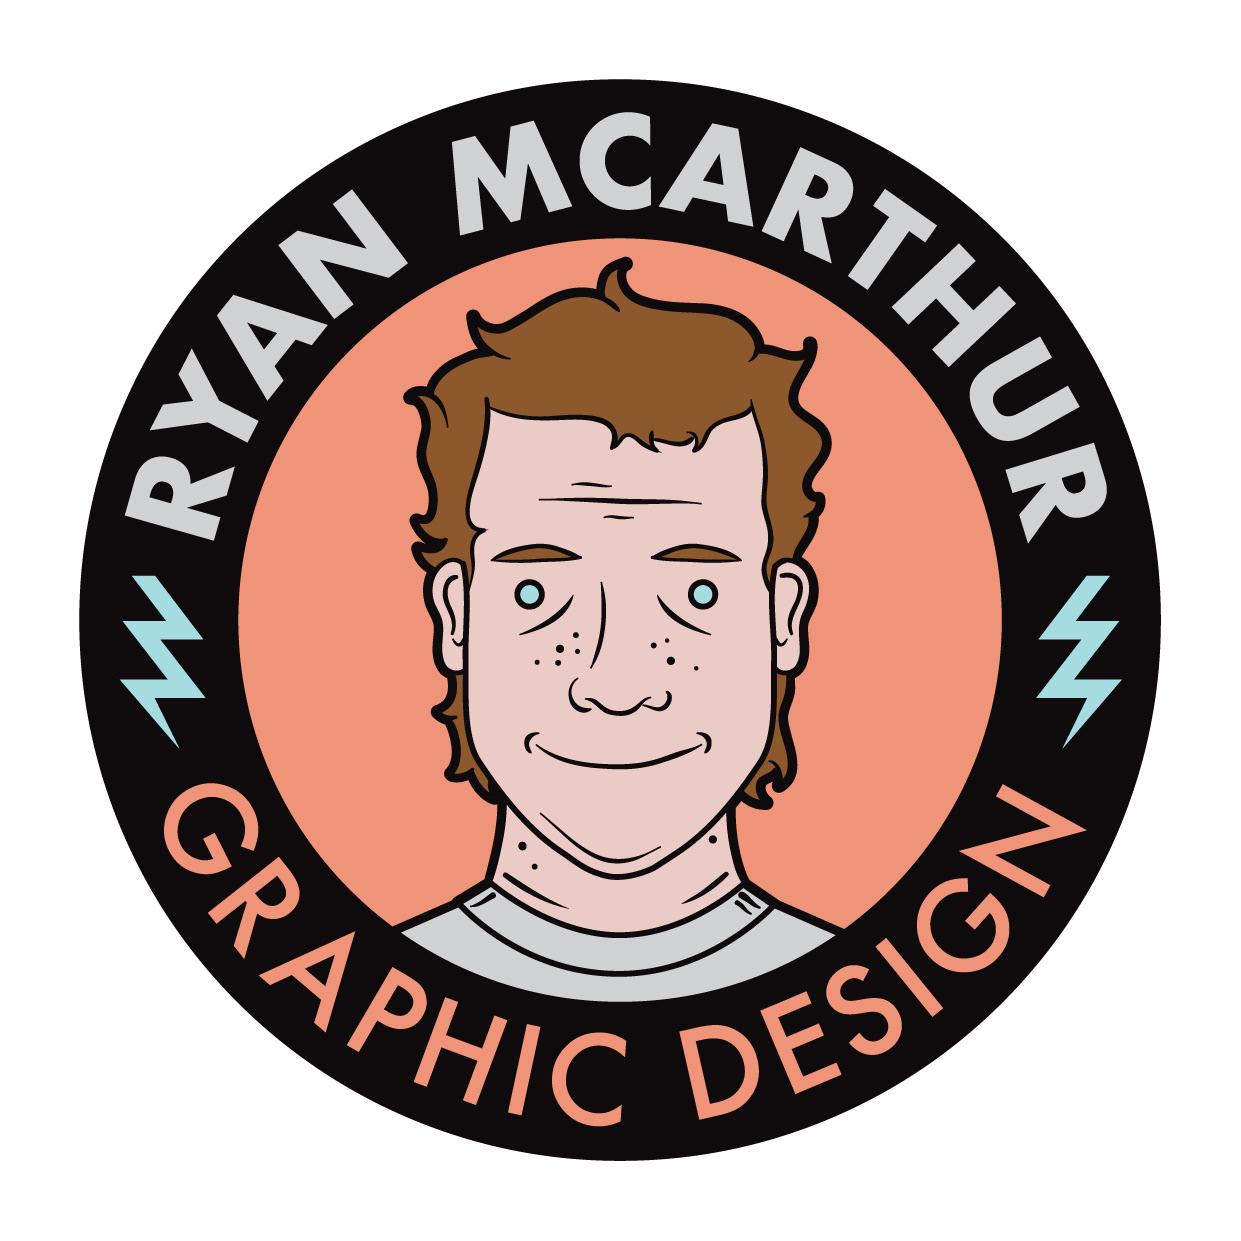 Ryan McArthur